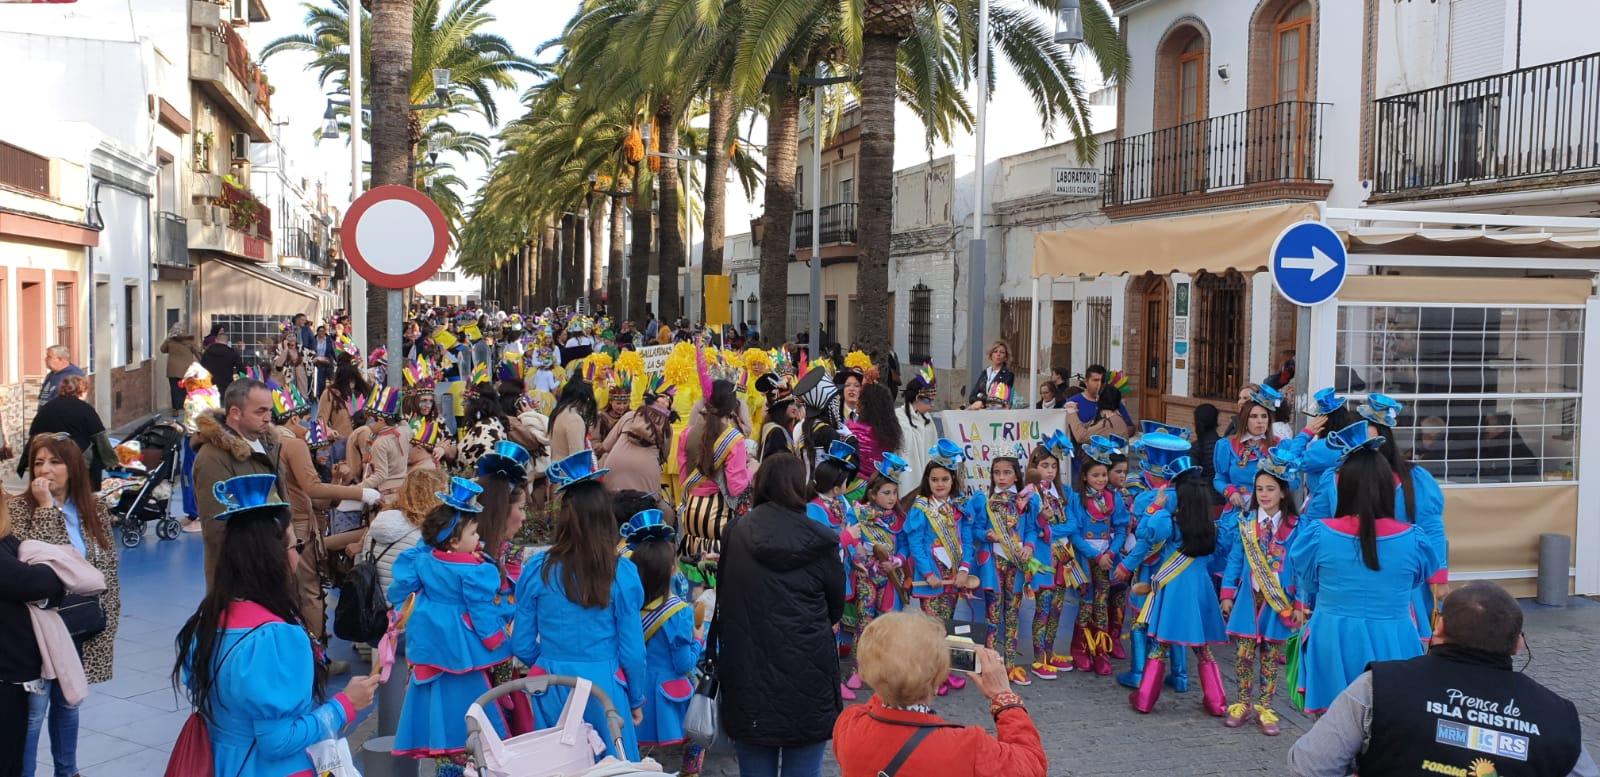 Isla Cristina decide la próxima semana si suspende el carnaval o lo atrasa